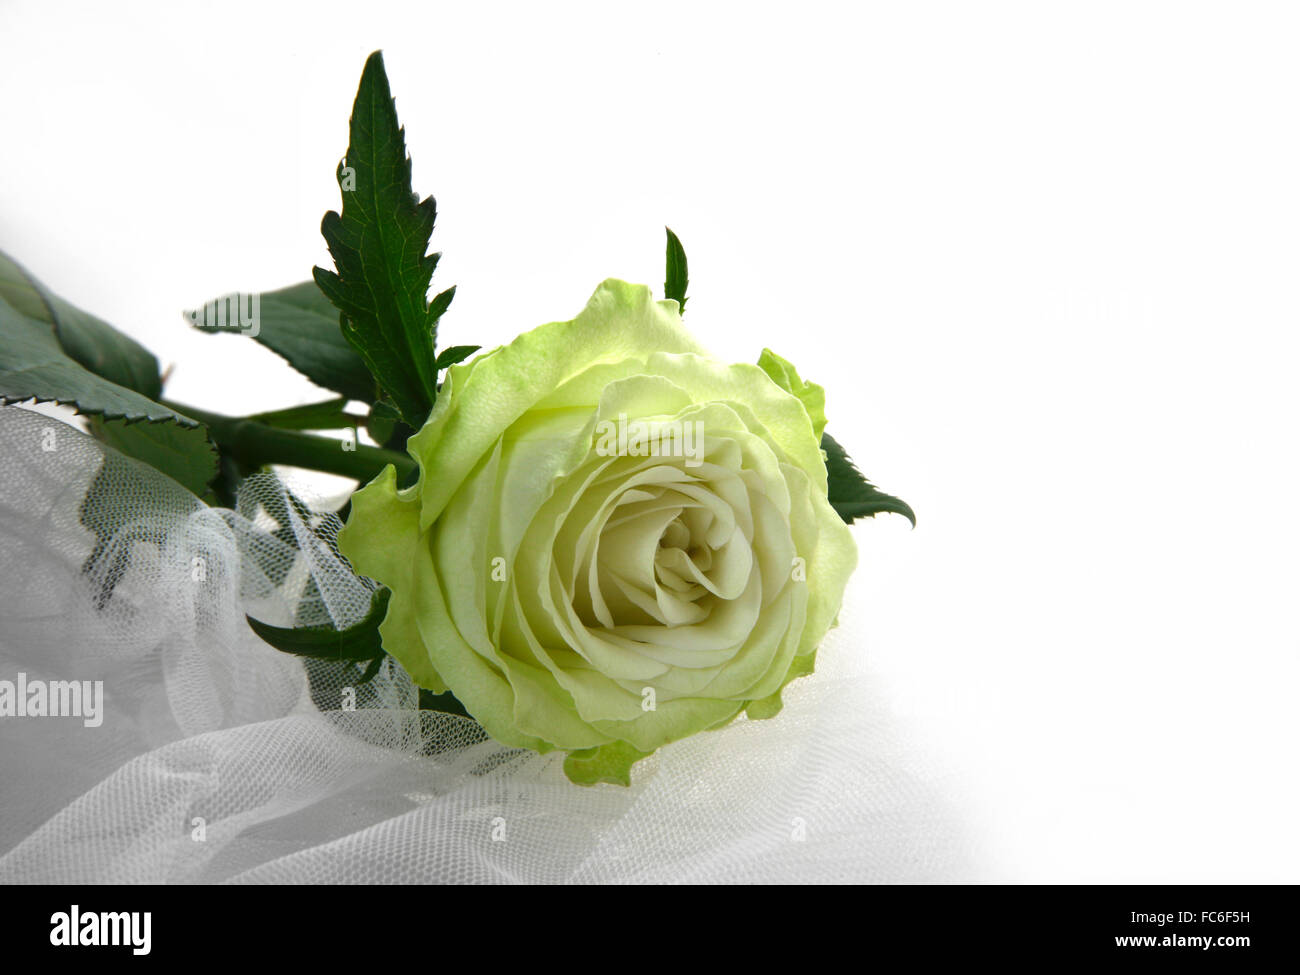 Grünliche rose Stockfoto